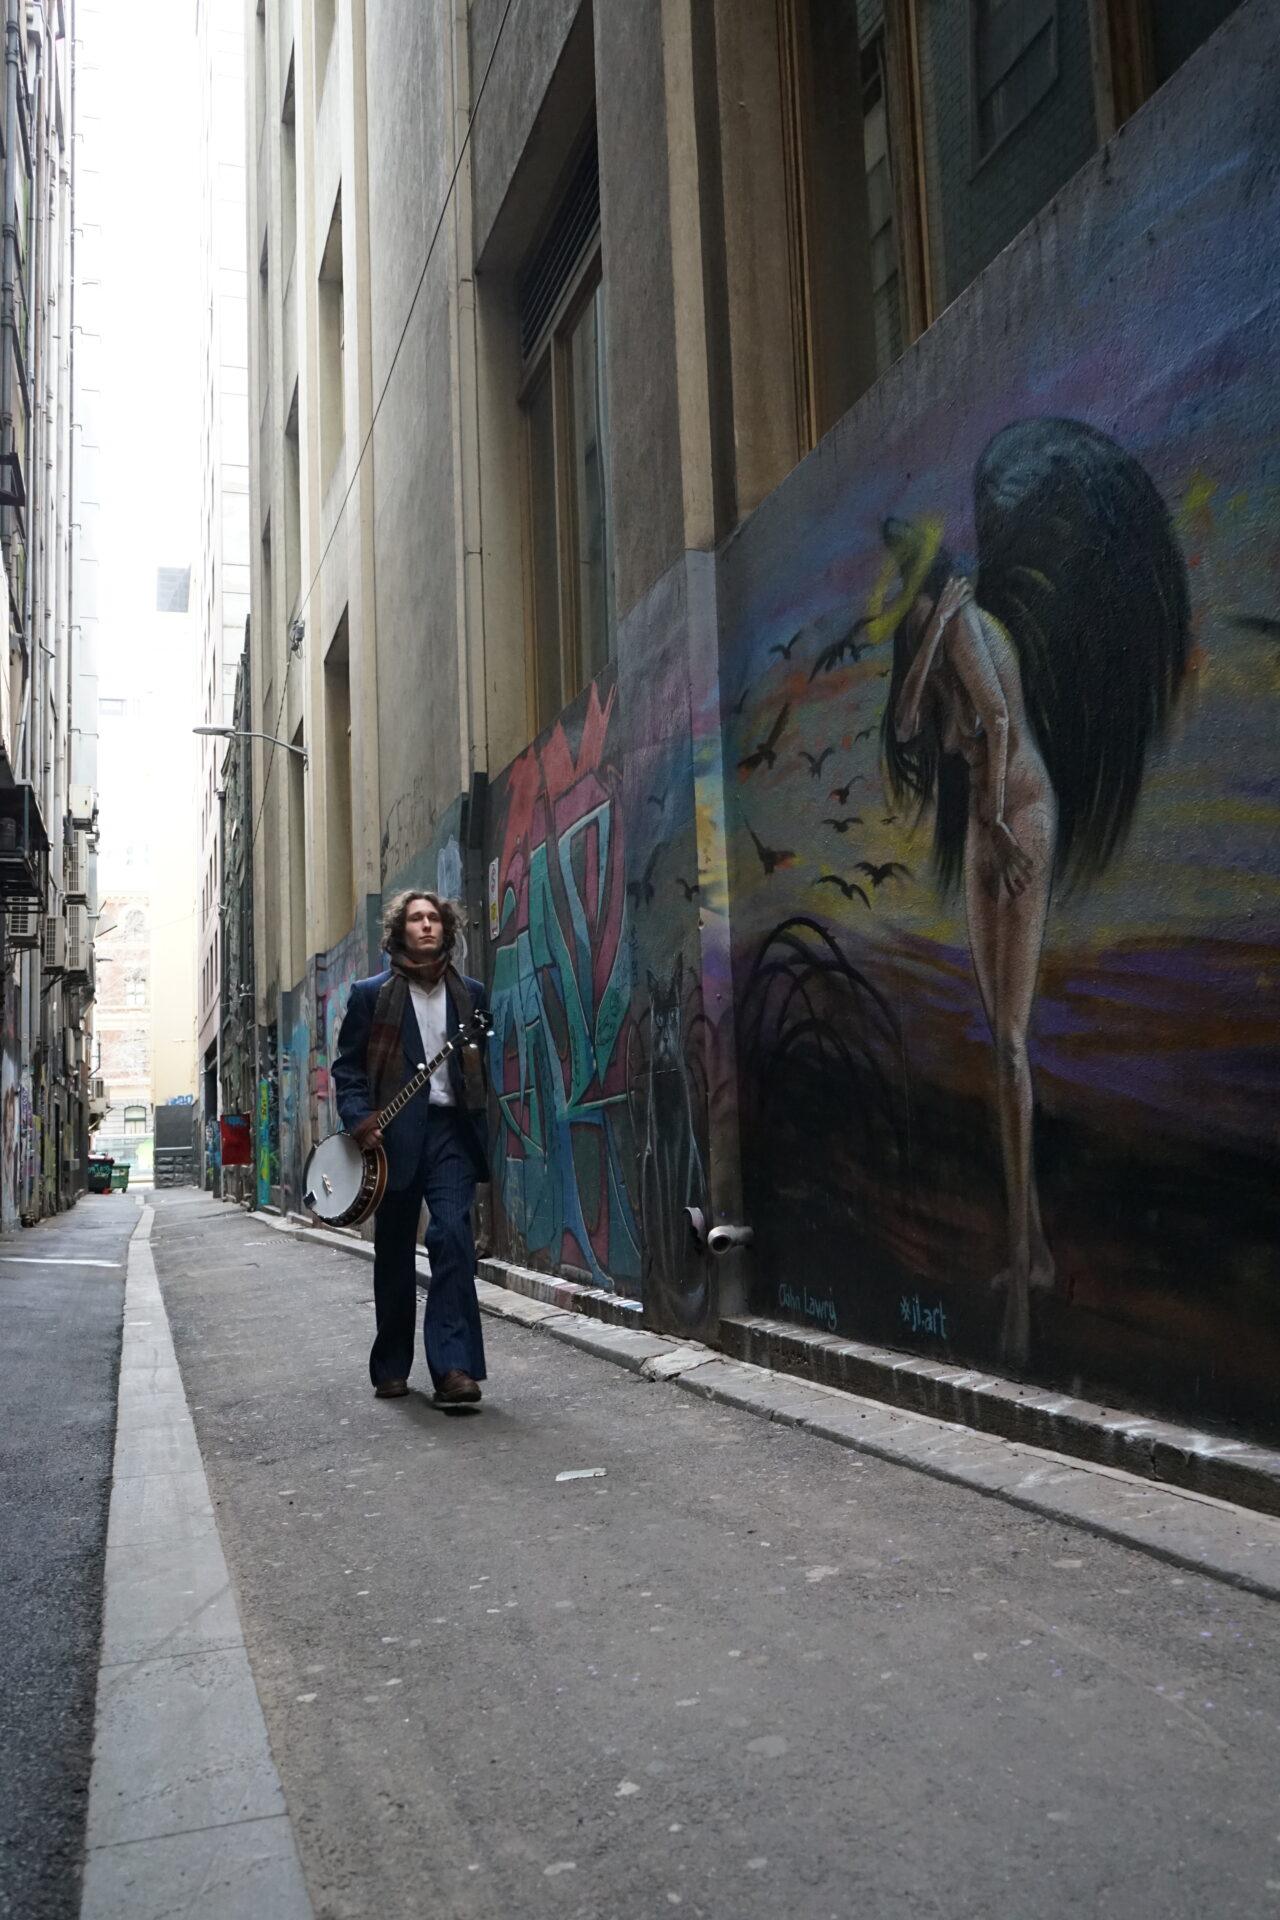 A man walking in a graffitied lane way.